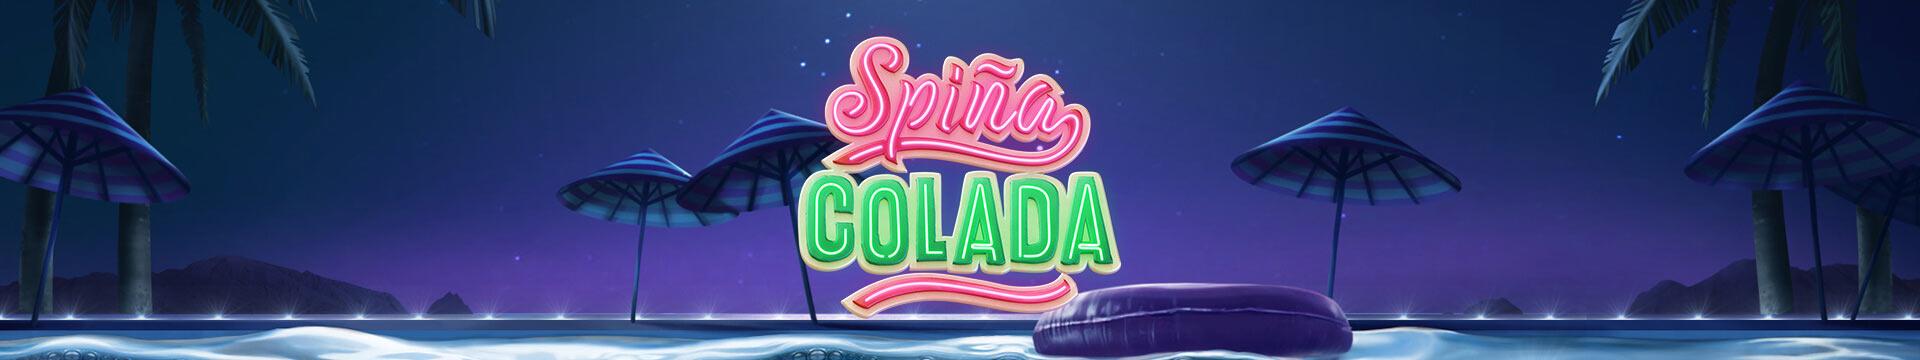 Slider Banner - Spina Colada